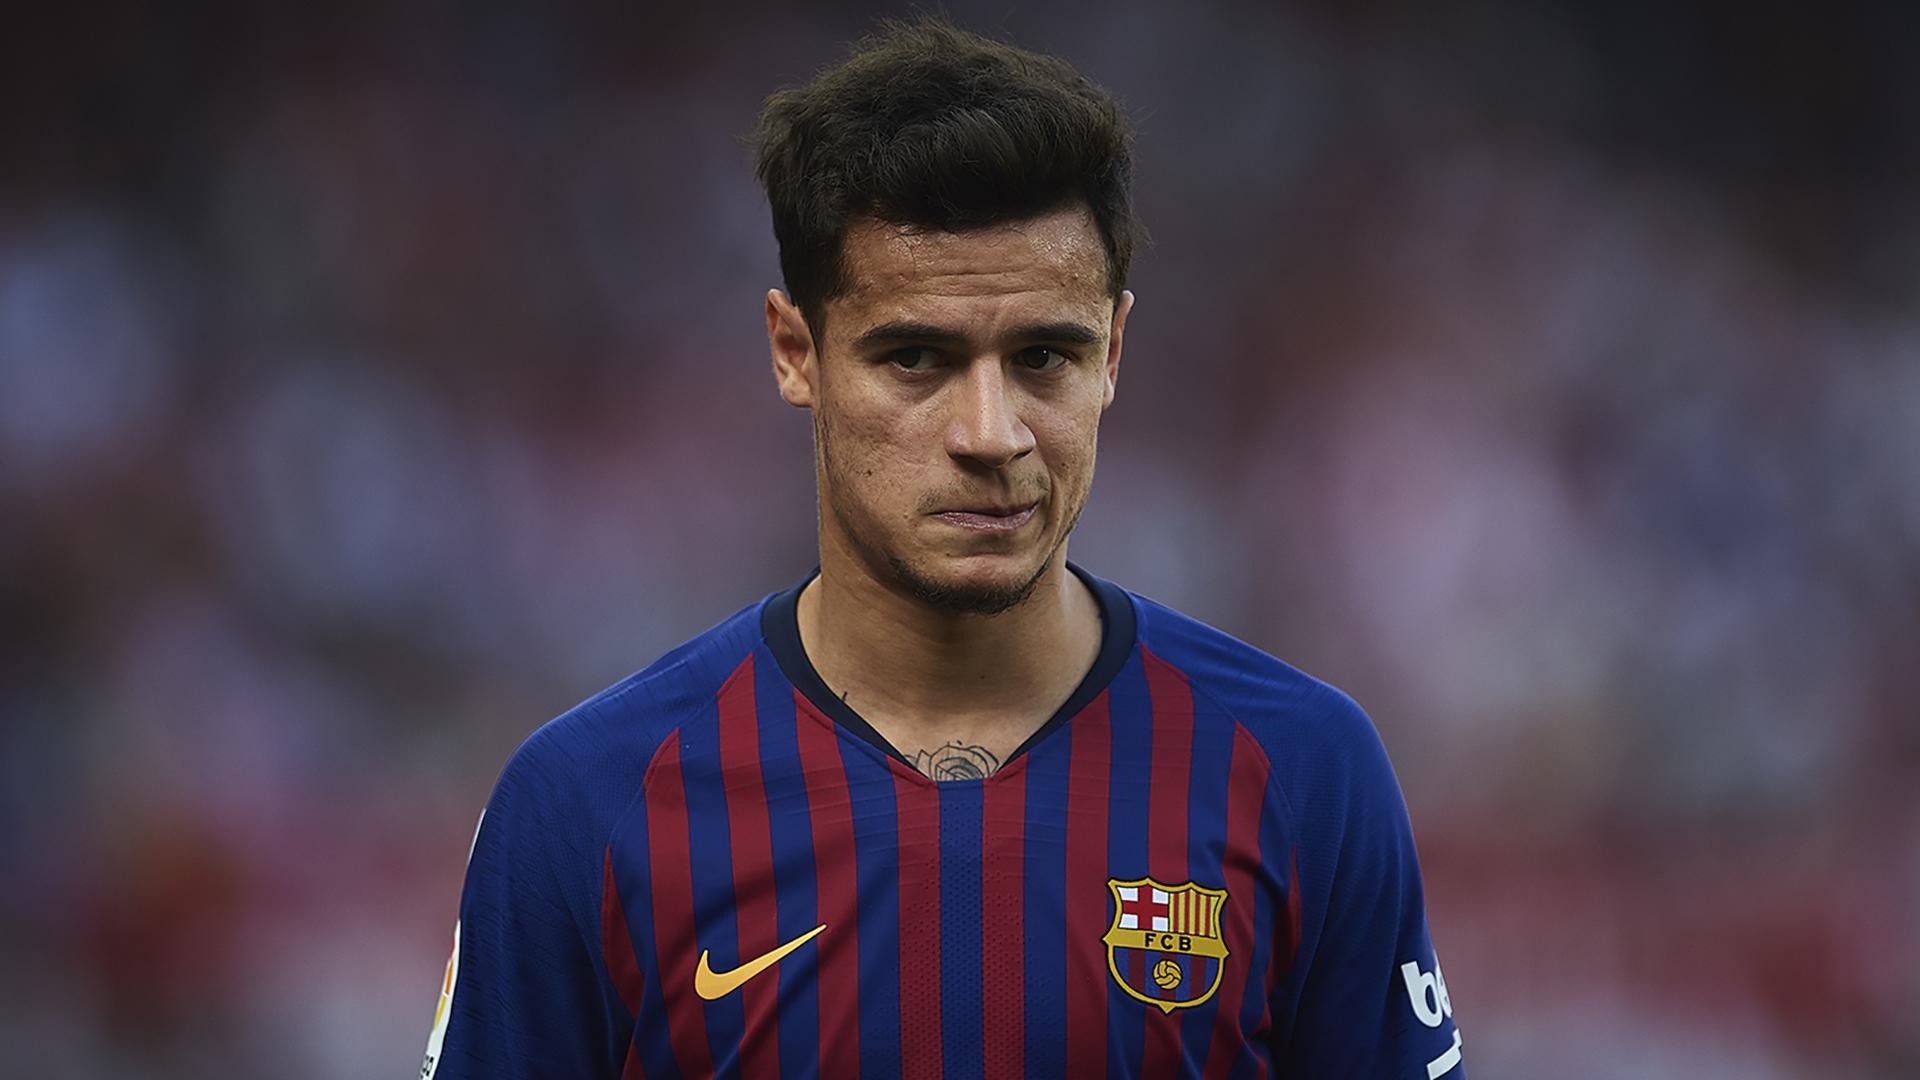 Đội hình bị 'hắt hủi' gây choáng Hè 2019: Có Sanchez, Bale lẫn 'bom tấn' 100 triệu - Bóng Đá